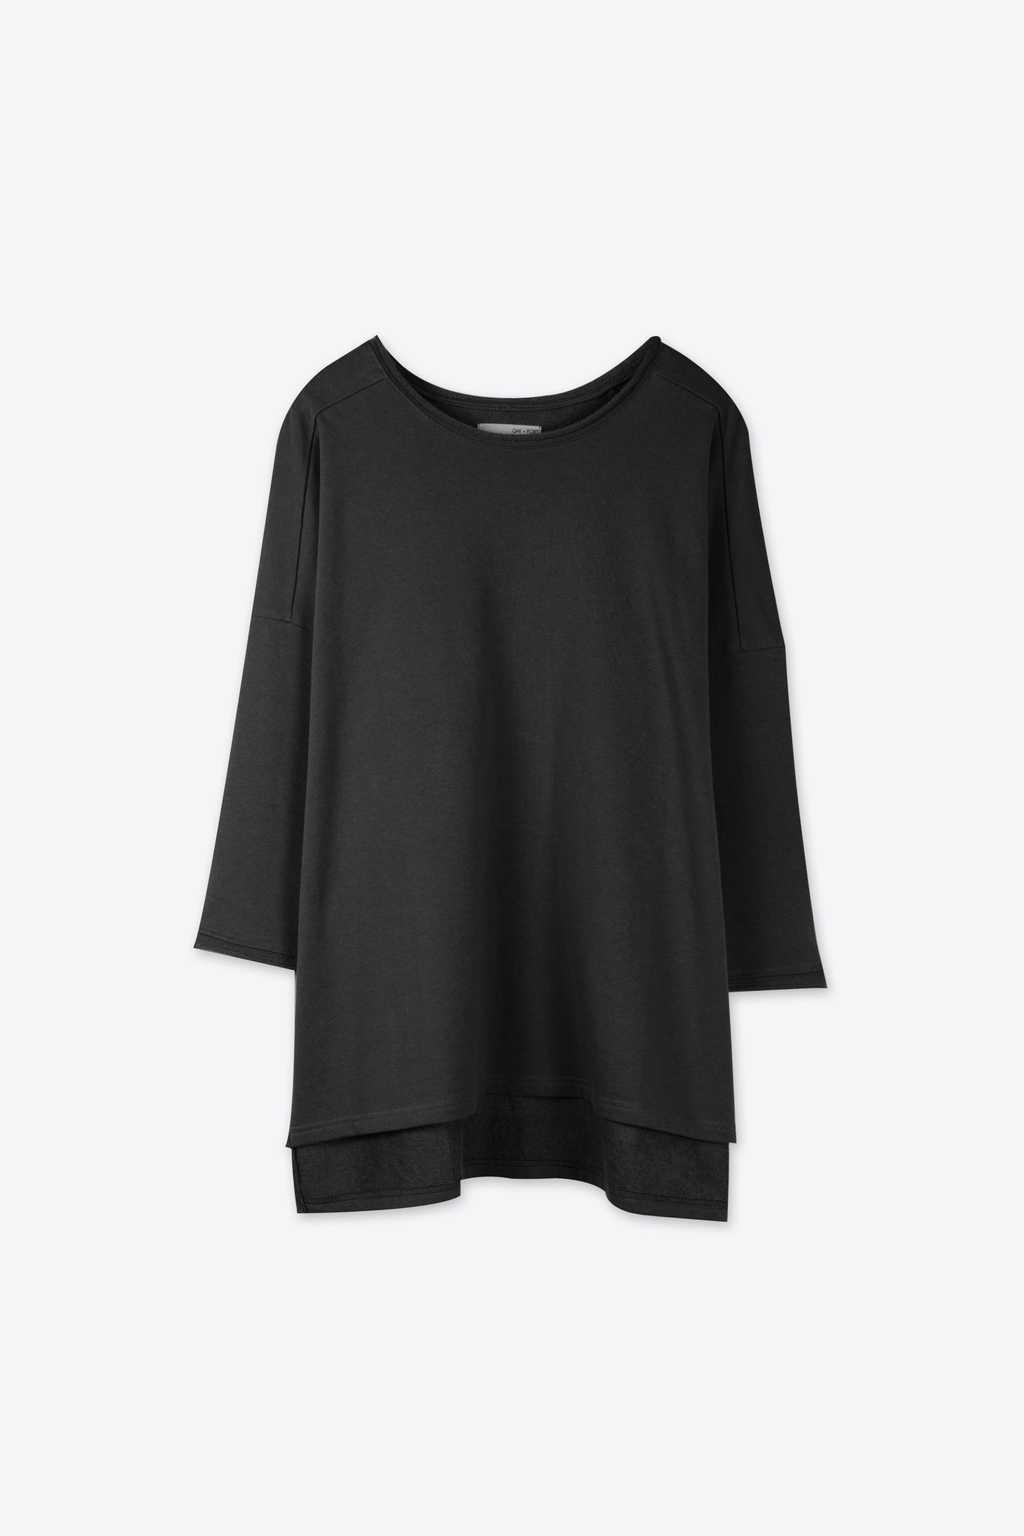 TShirt 1065 Black 4